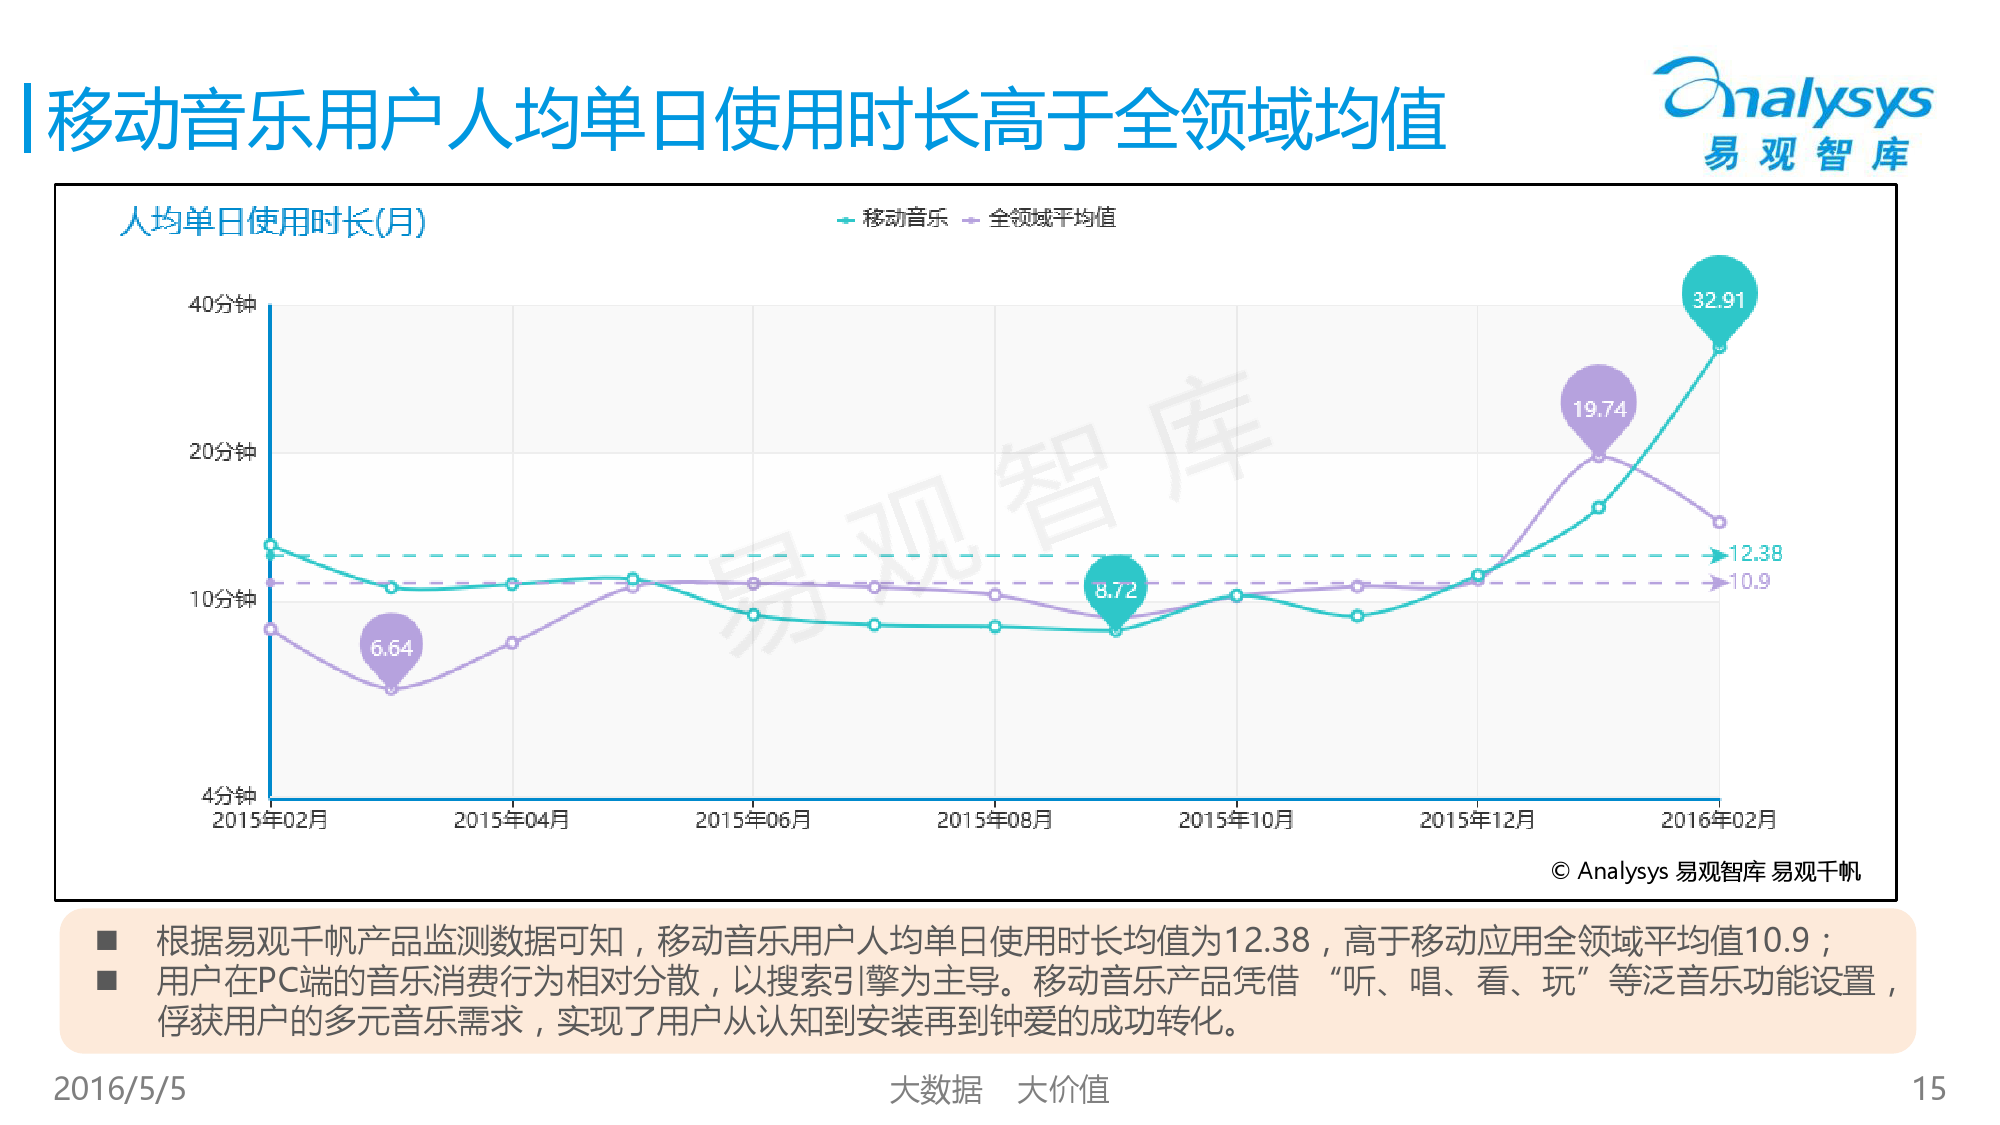 2016中国移动音乐市场年度综合报告_000015